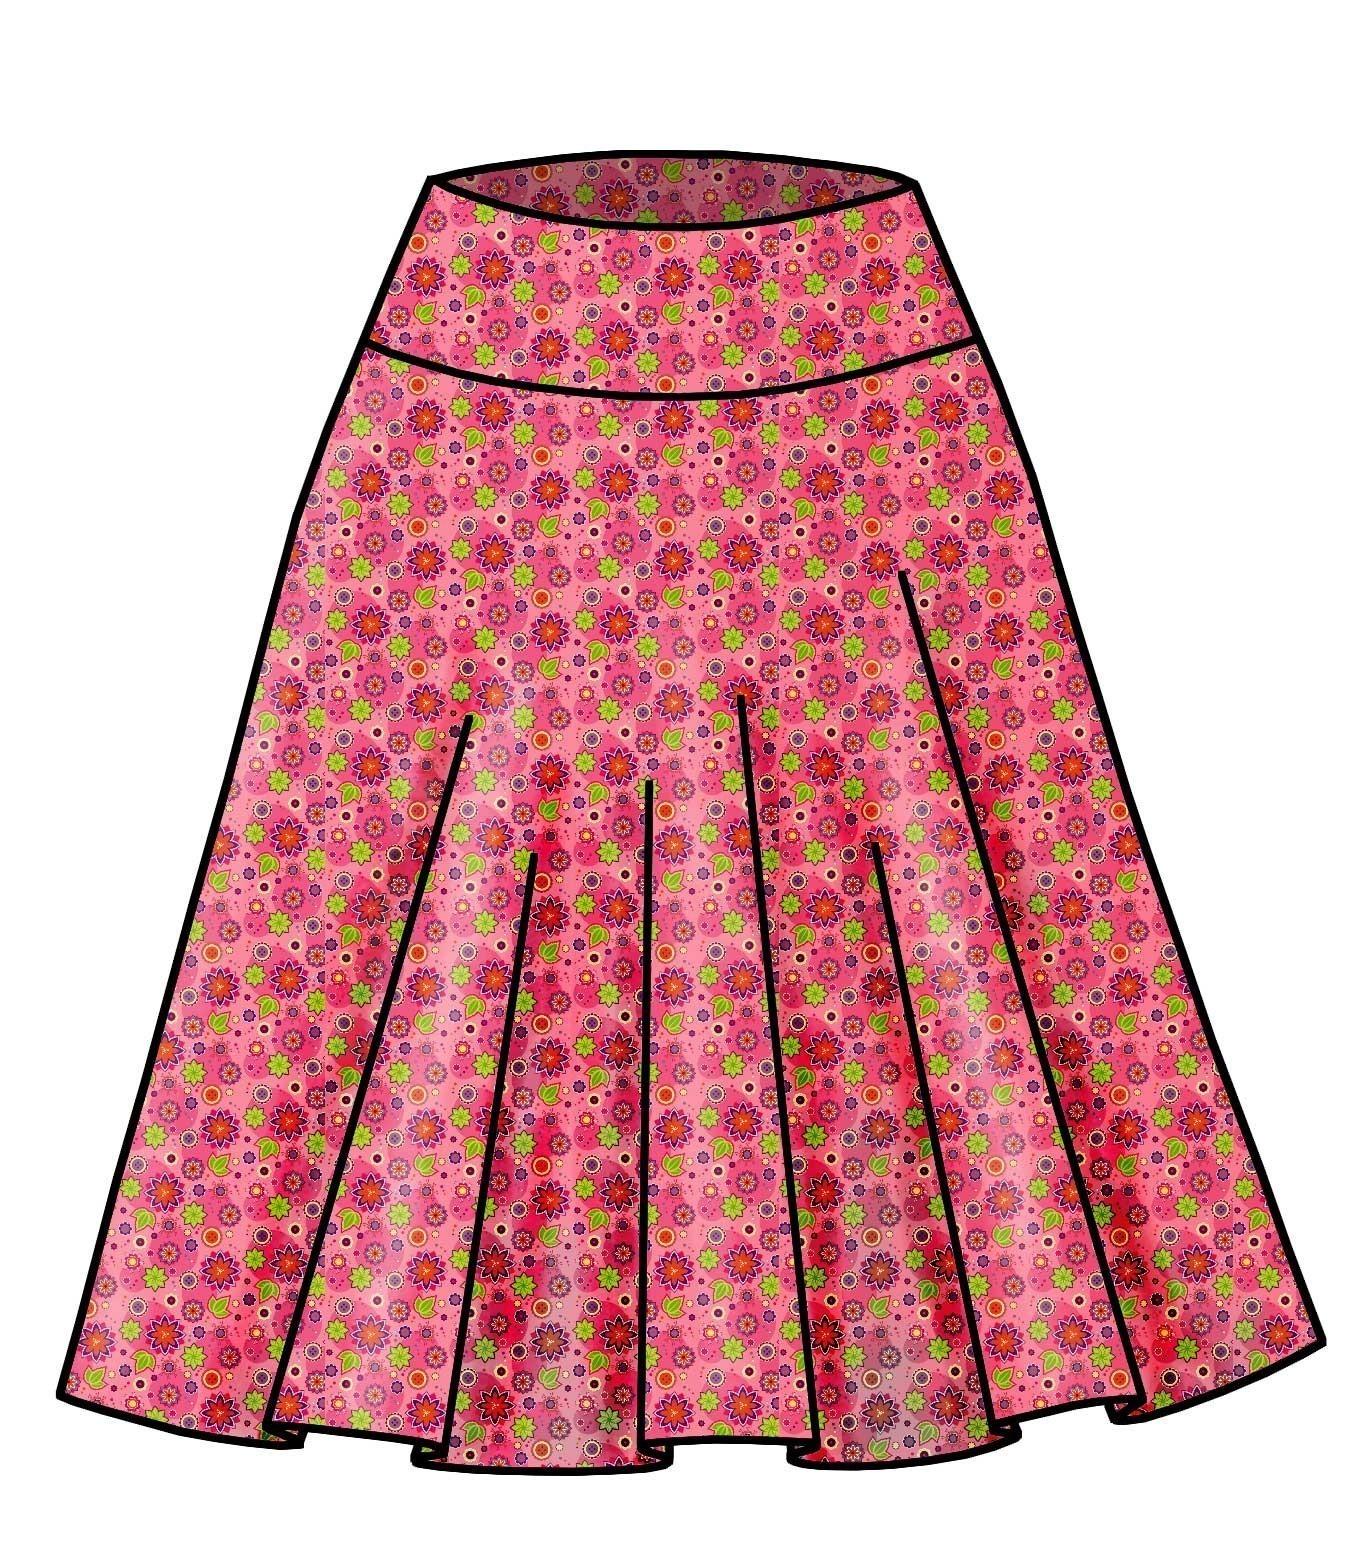 Clipart skirt.